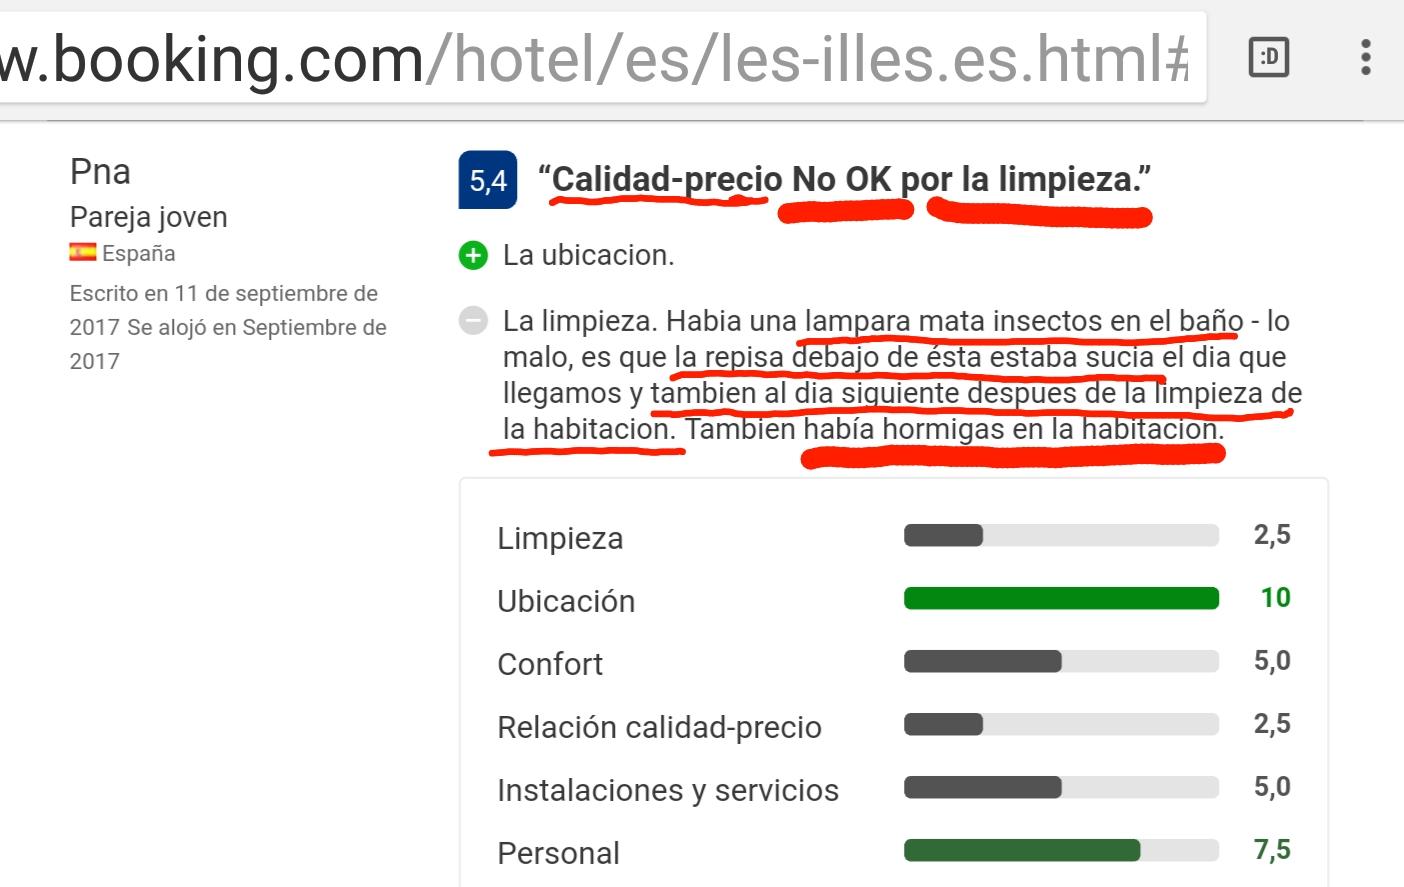 Hotel les illes estartit calidad